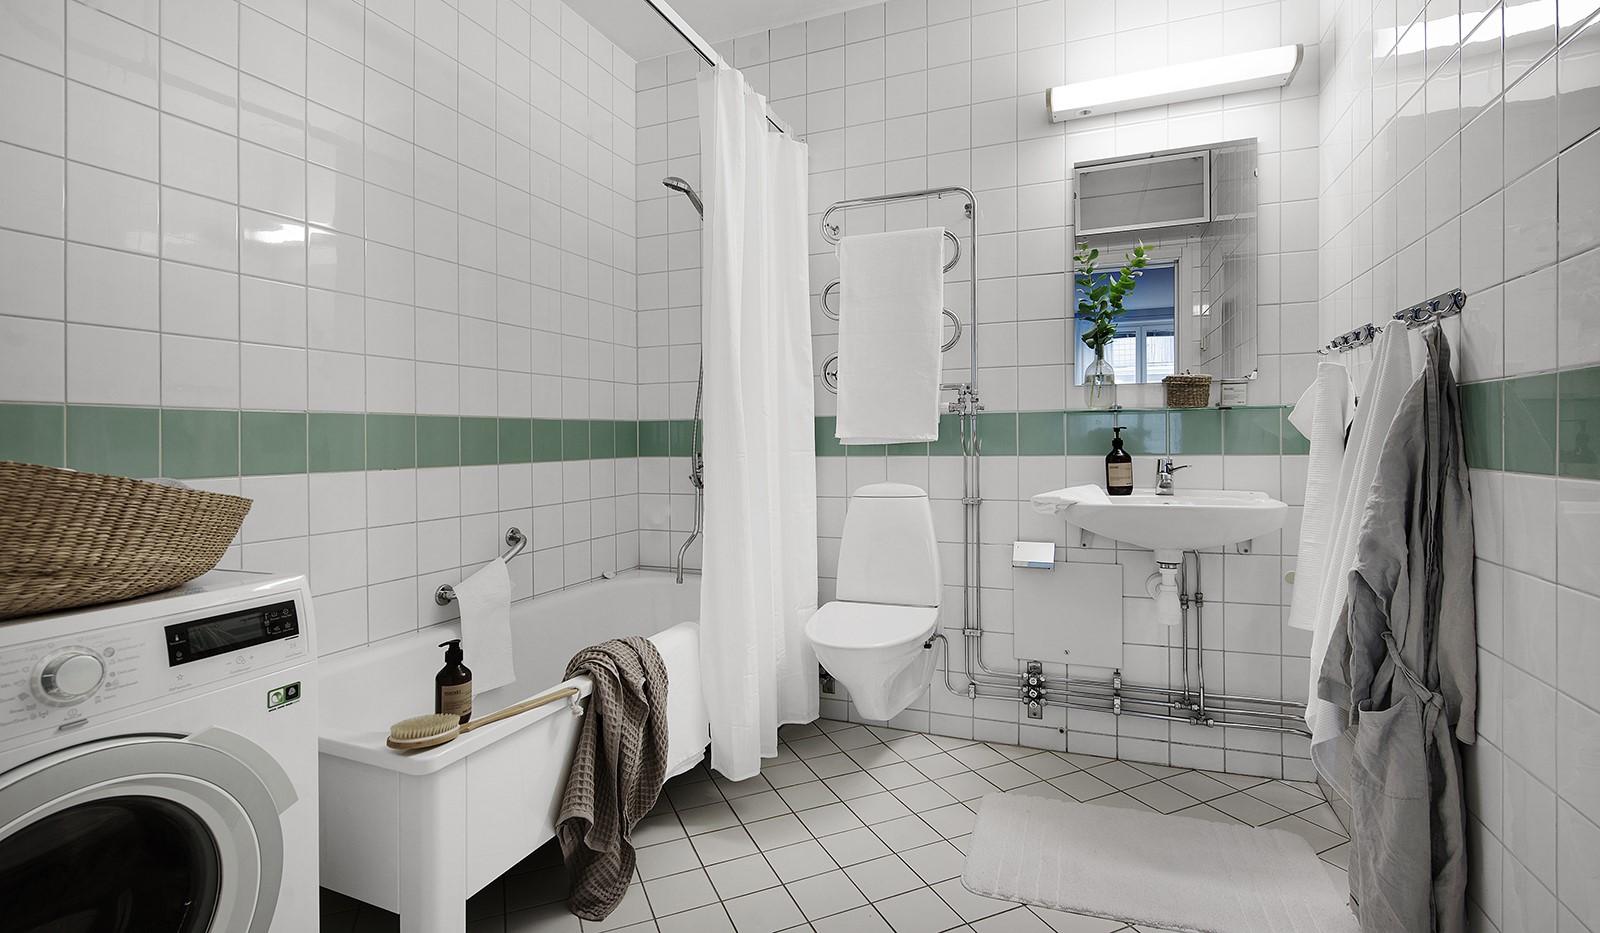 Fatburstrappan 12, 4 tr - Stora badrummet med golvvärme